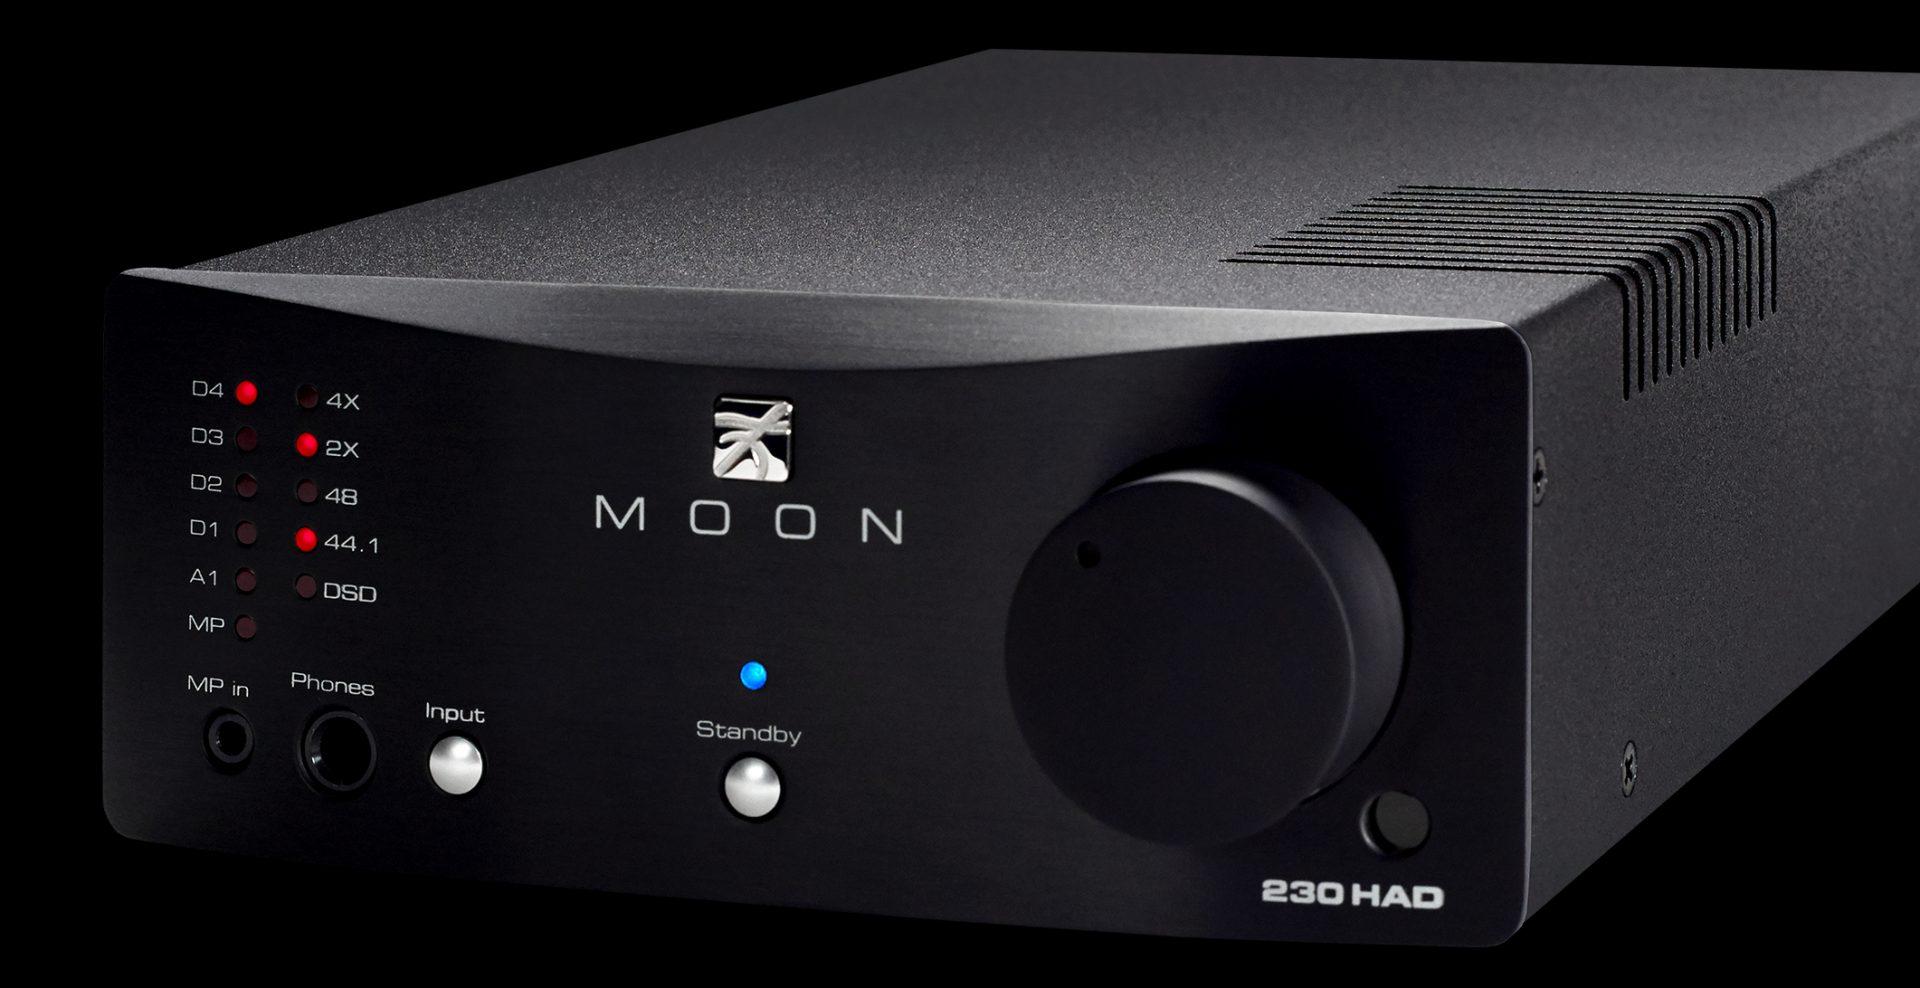 230HAD Amplificateur de casque d'écoute et convertisseur N/A - Moon Simaudio